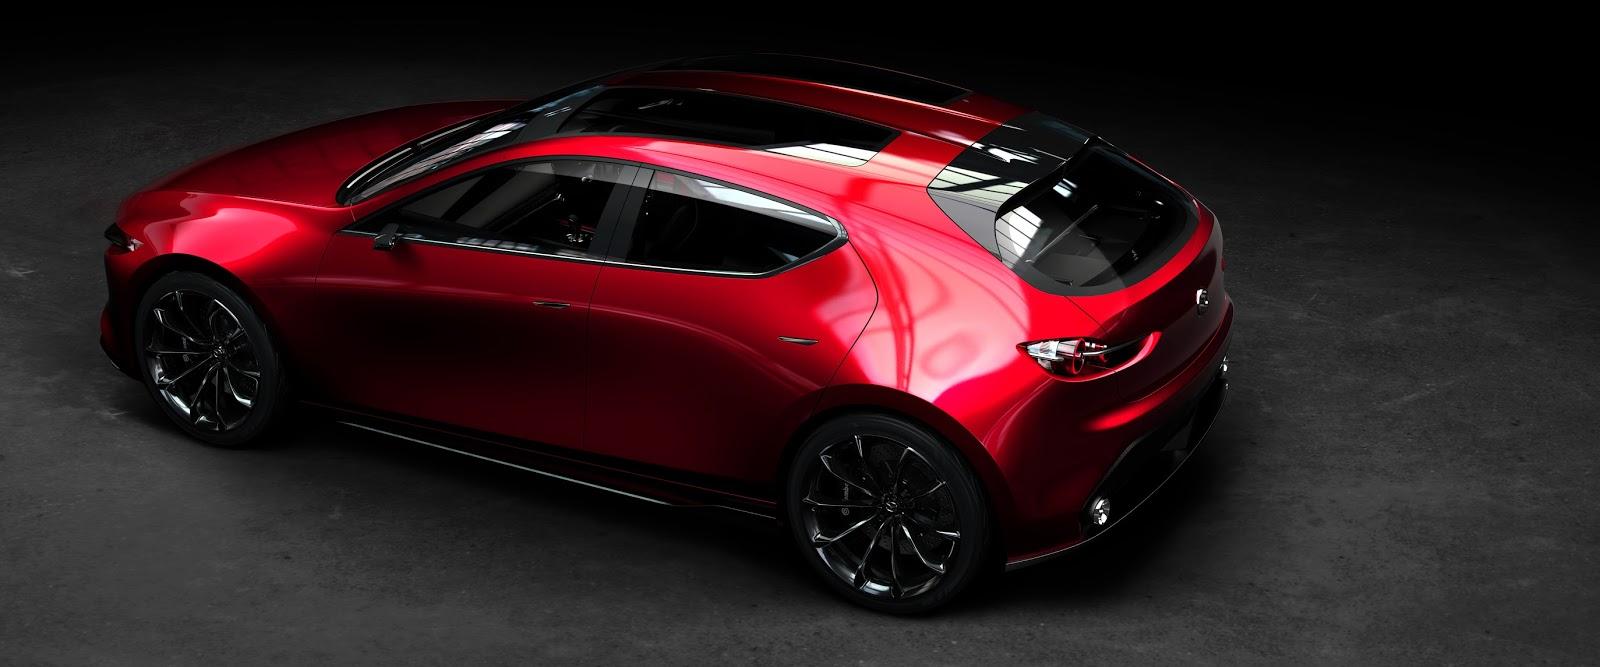 Mazda_Kai_Concept tokyo 2017 (34)